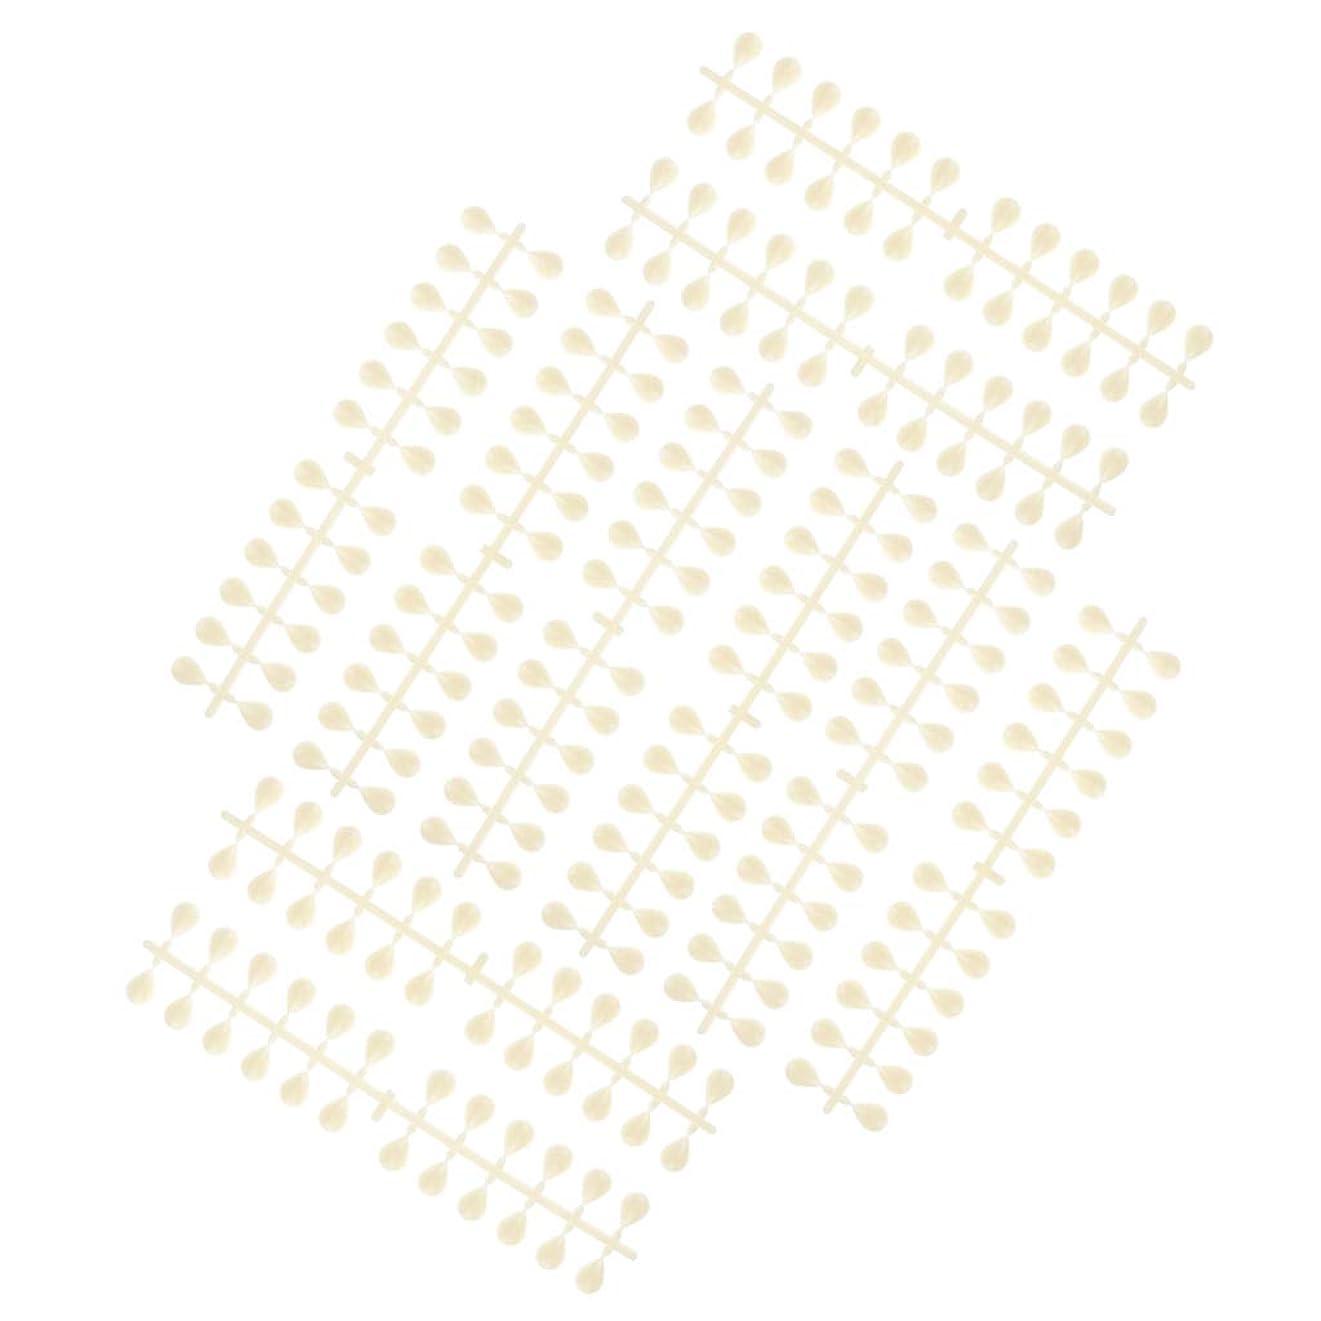 不調和インポートパスタDYNWAVE ネイルのヒントスティック再利用可能なマニキュアサロンネイルアートディスプレイカラーカード - 水滴